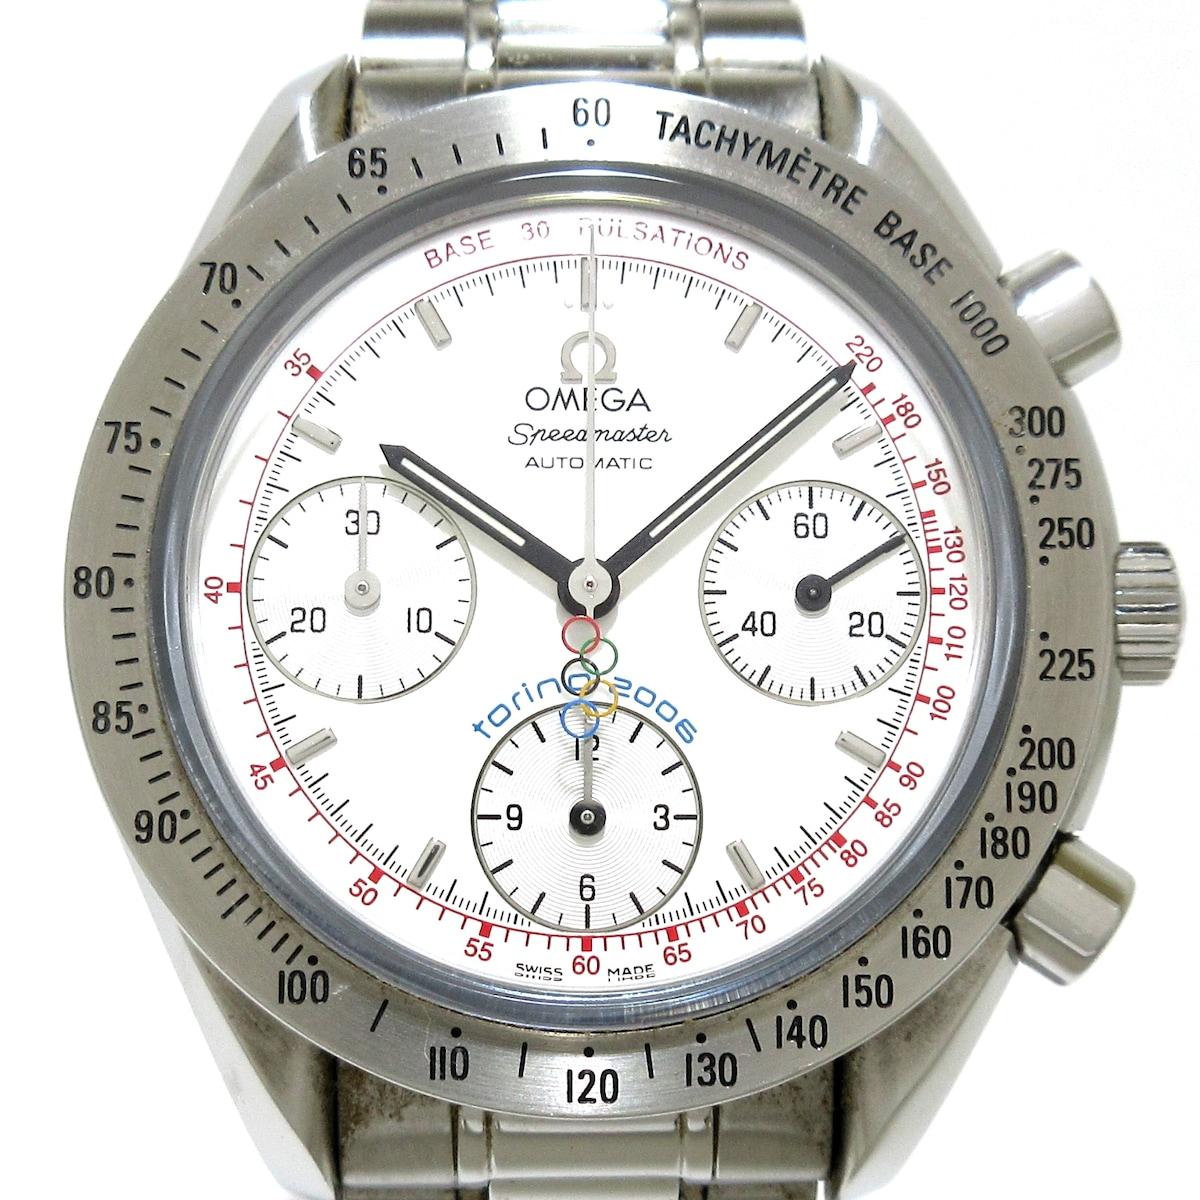 OMEGA(オメガ)のスピードマスター